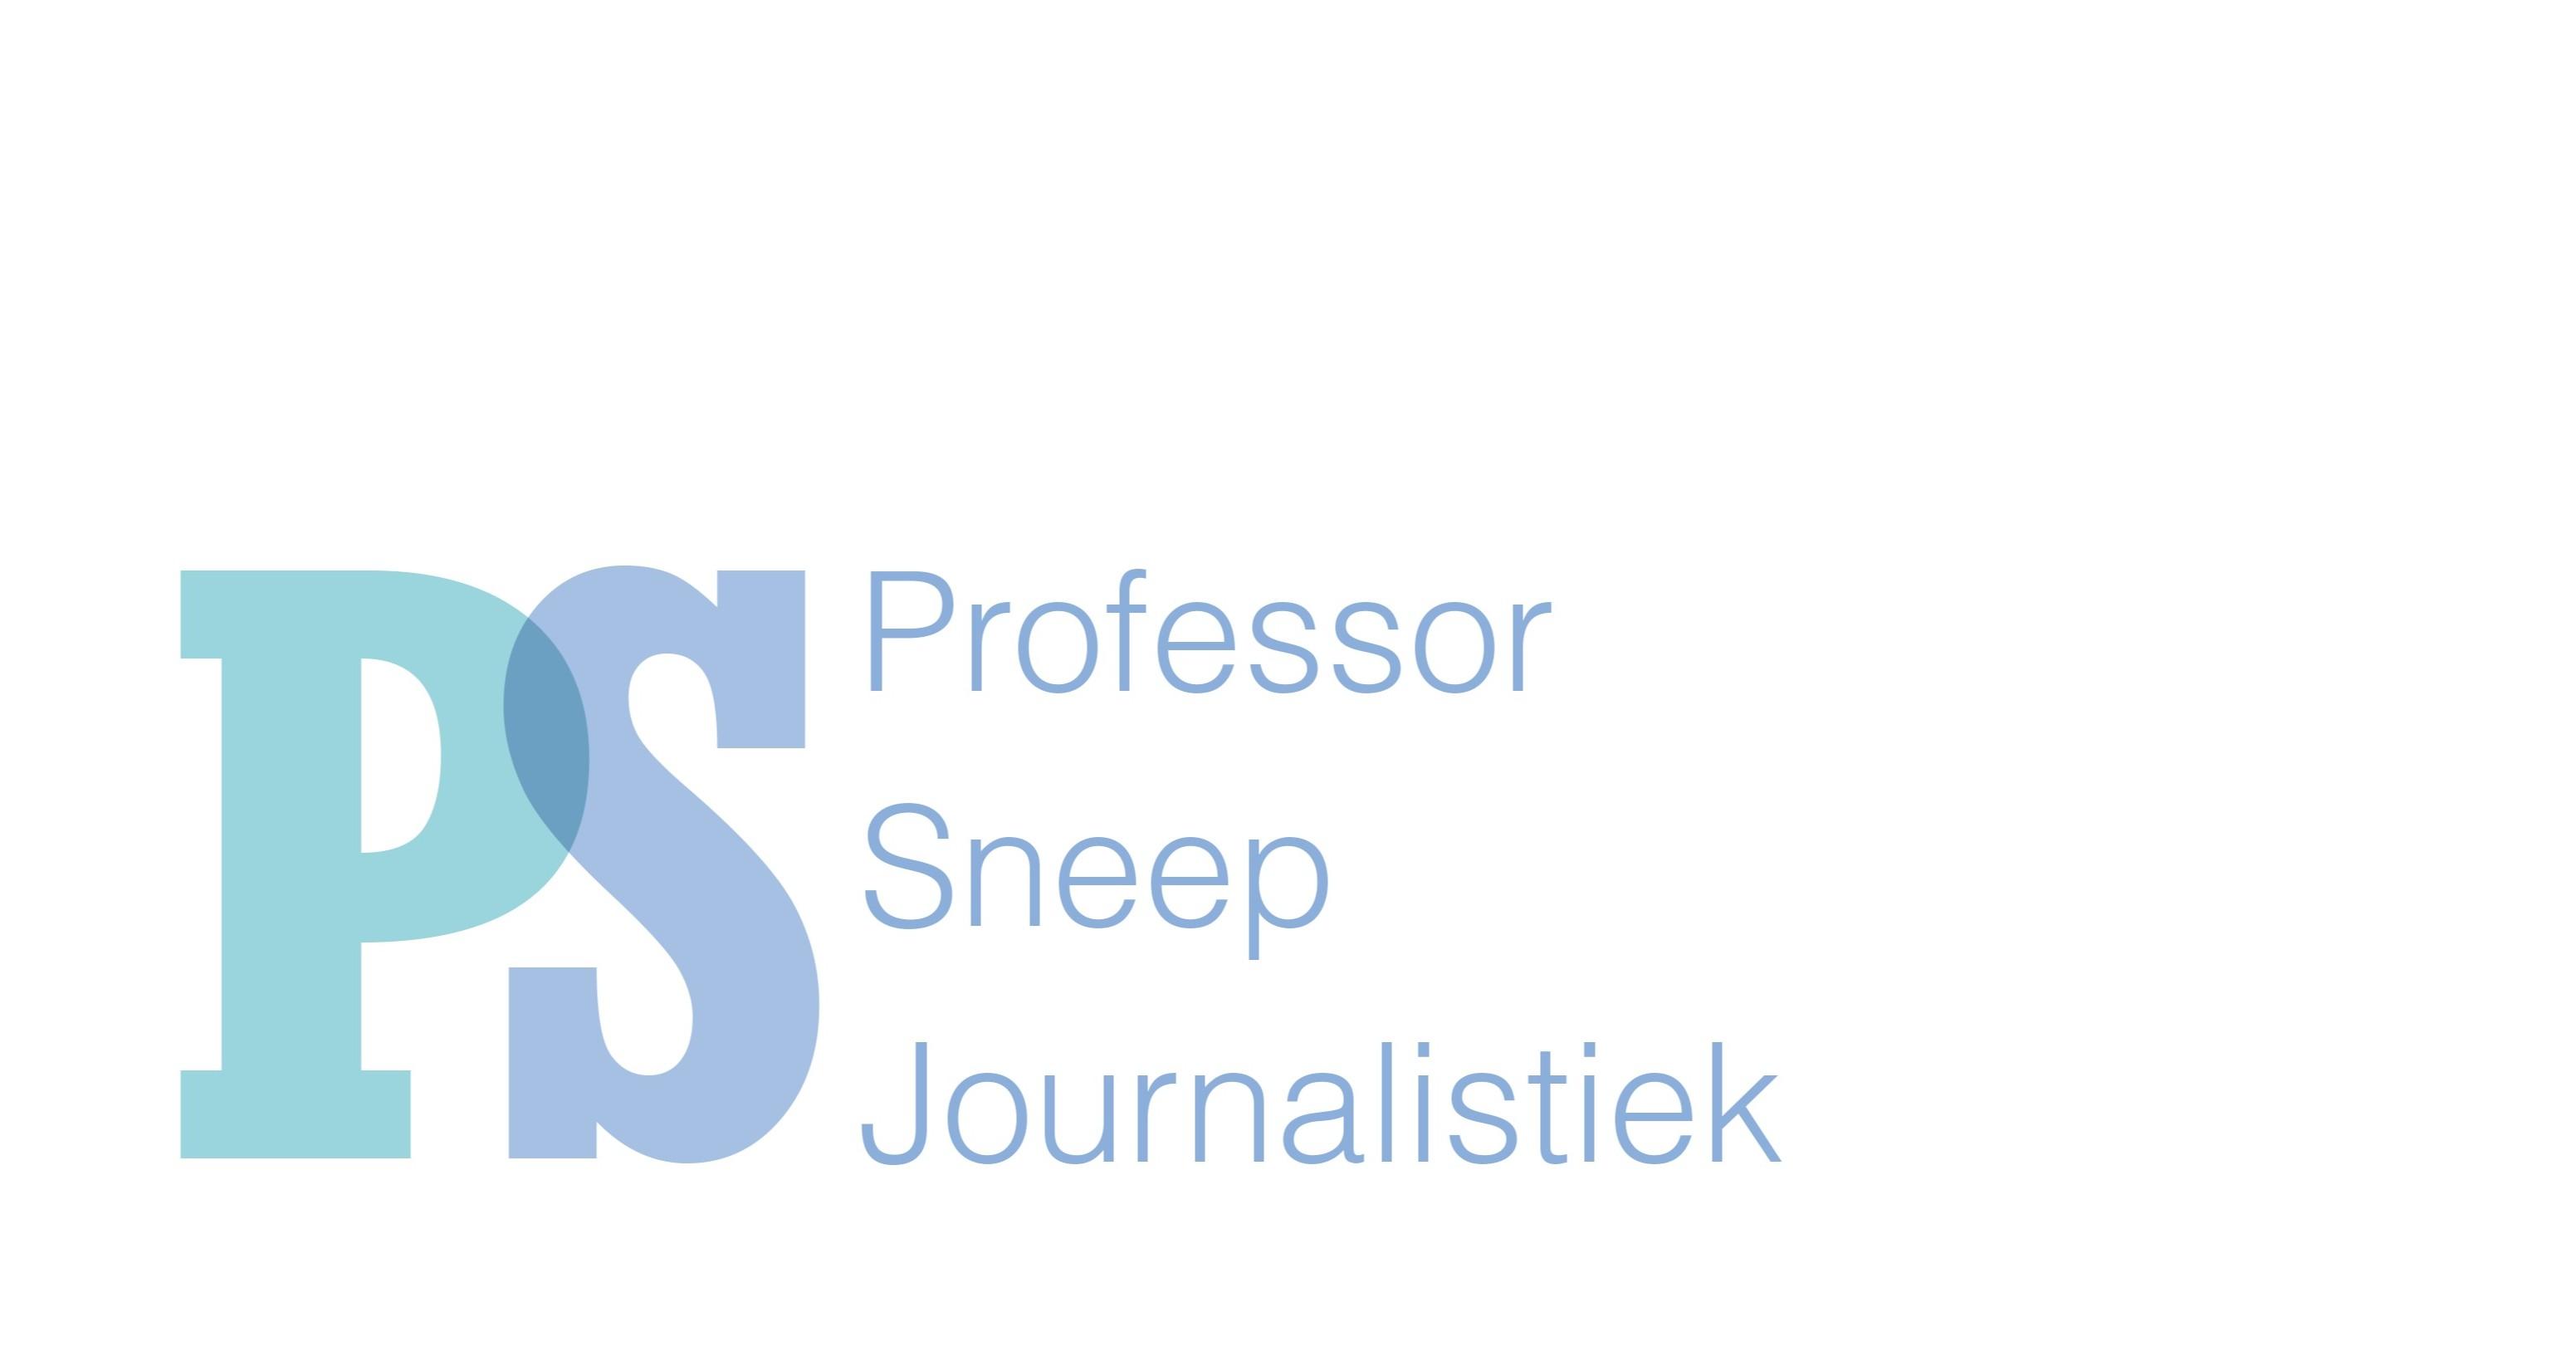 Professor Sneep Journalistiek